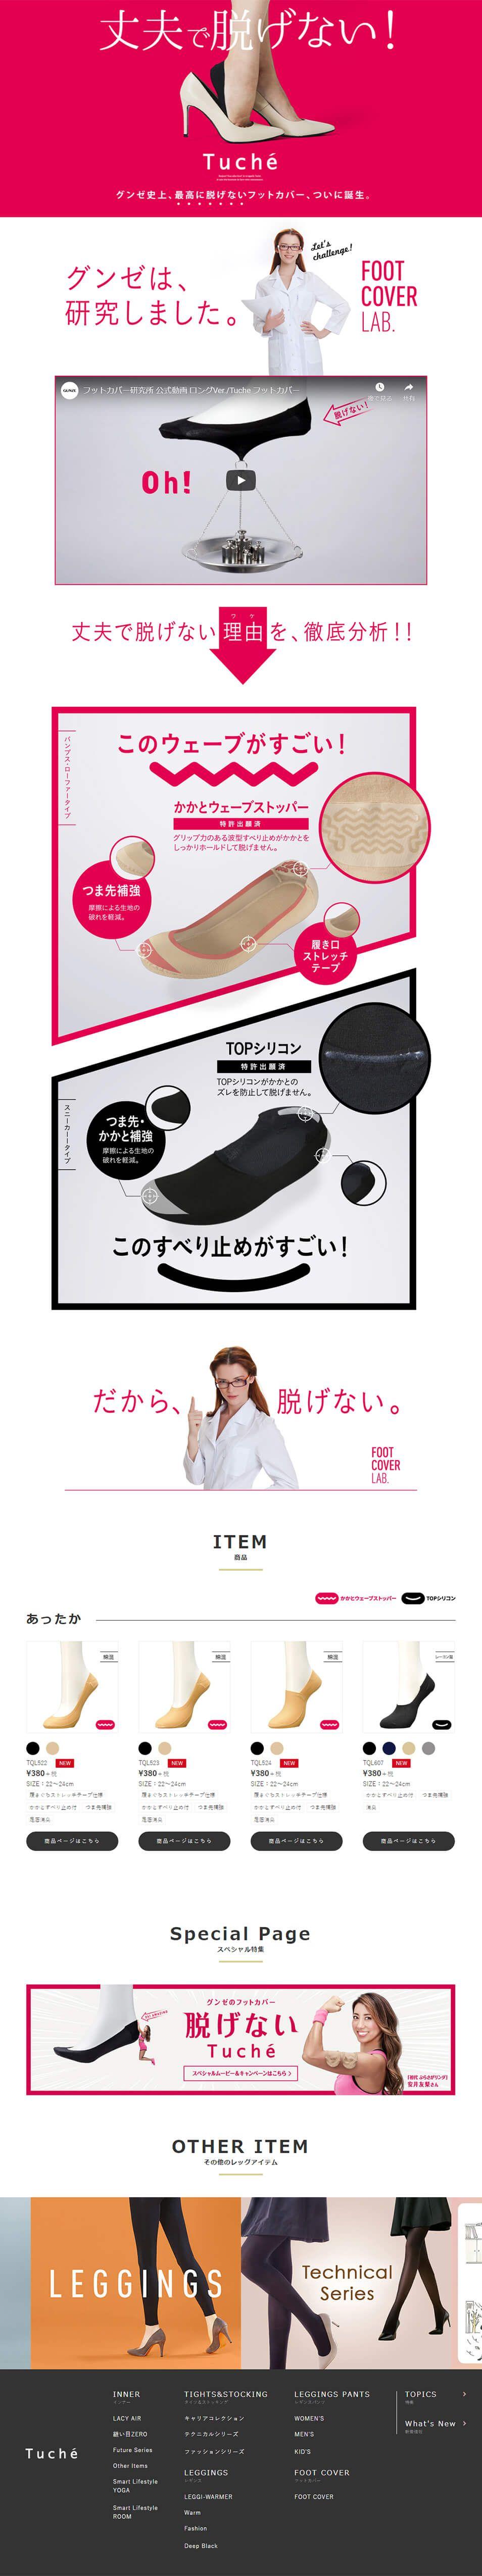 グンゼ株式会社様の フットカバー のランディングページ Lp シンプル系 ファッション Lp ランディングページ ランペ フットカバー カバー ランディングページ Lp デザイン